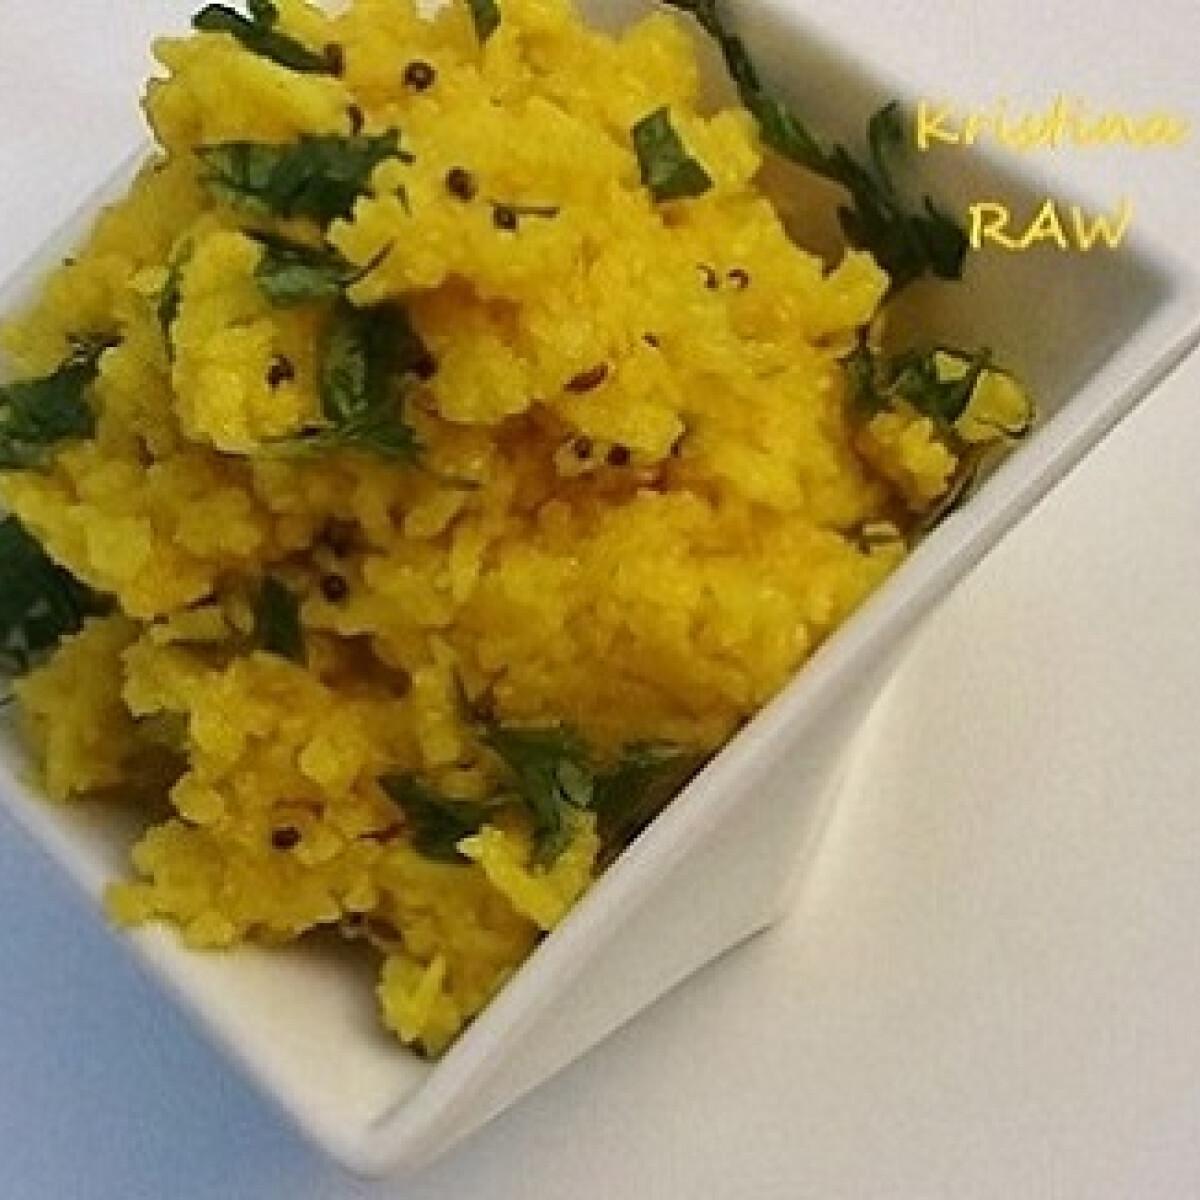 Citromos rizs Raw konyhájából